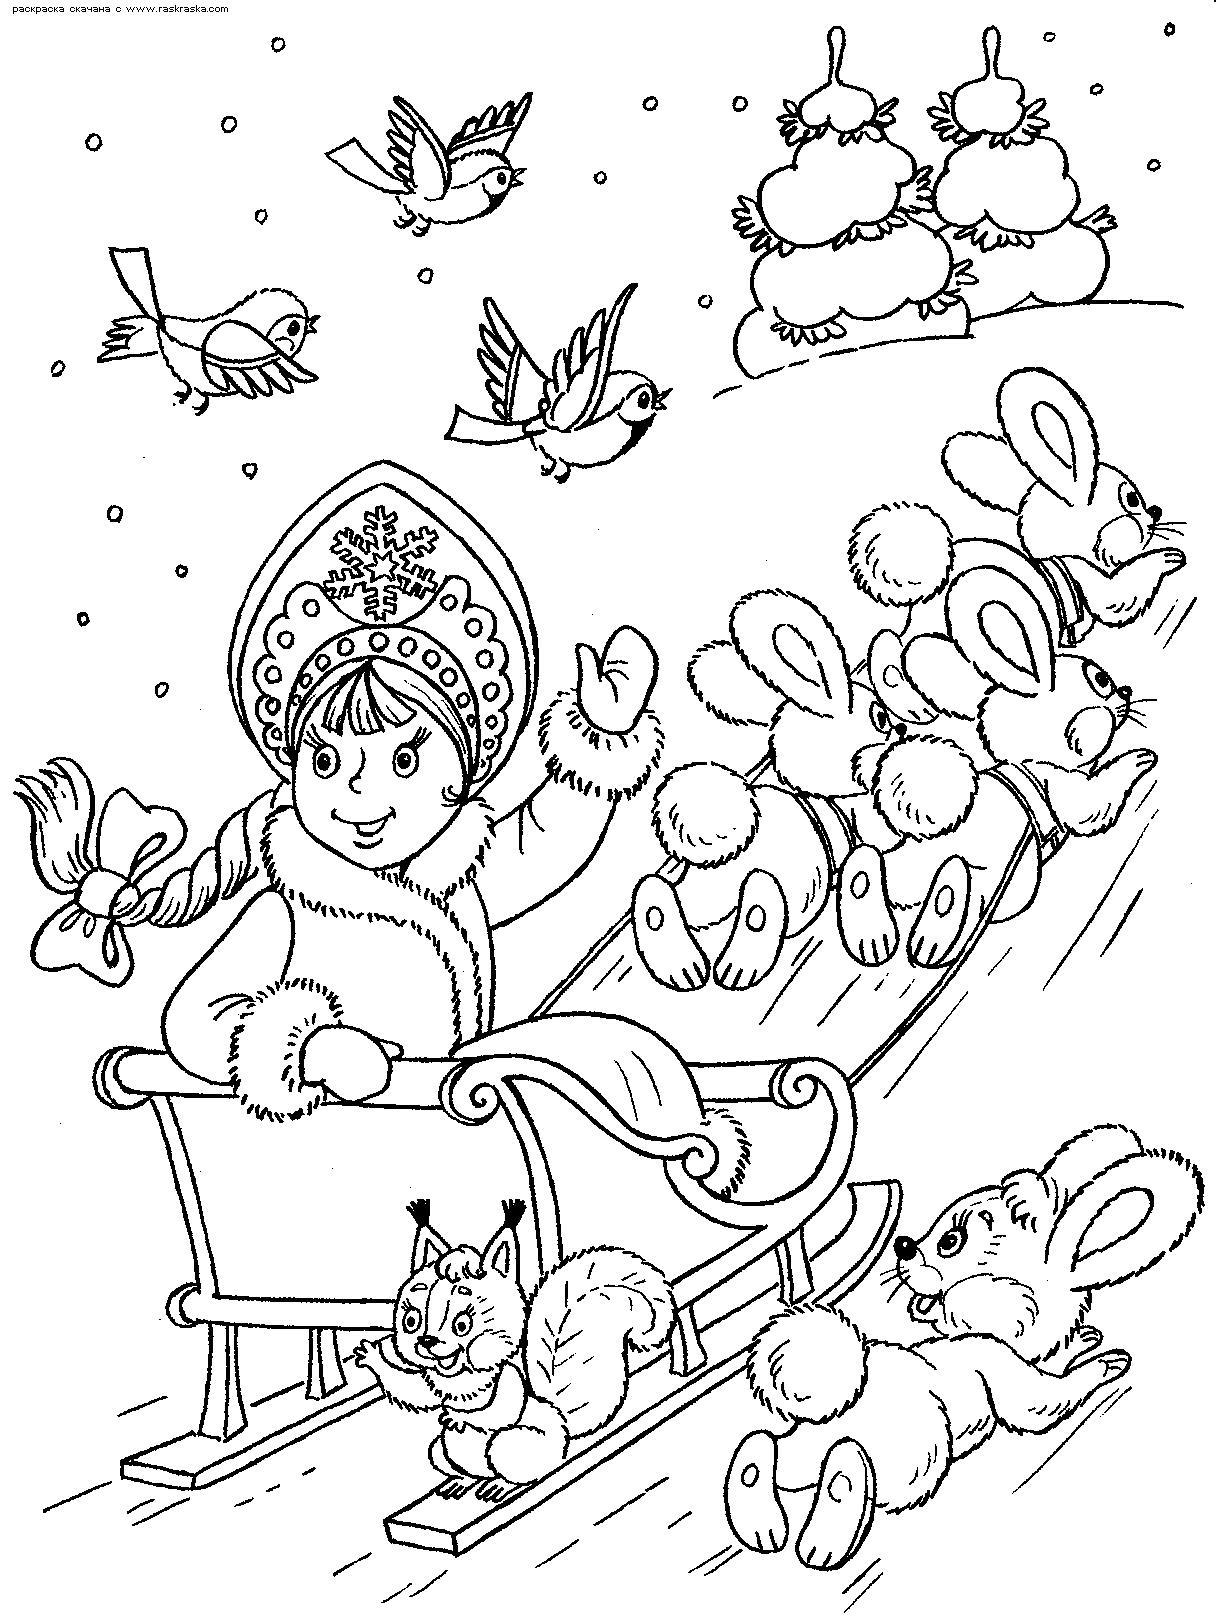 Снегурочка в упряжке зайцев Раскраски про зиму для детей